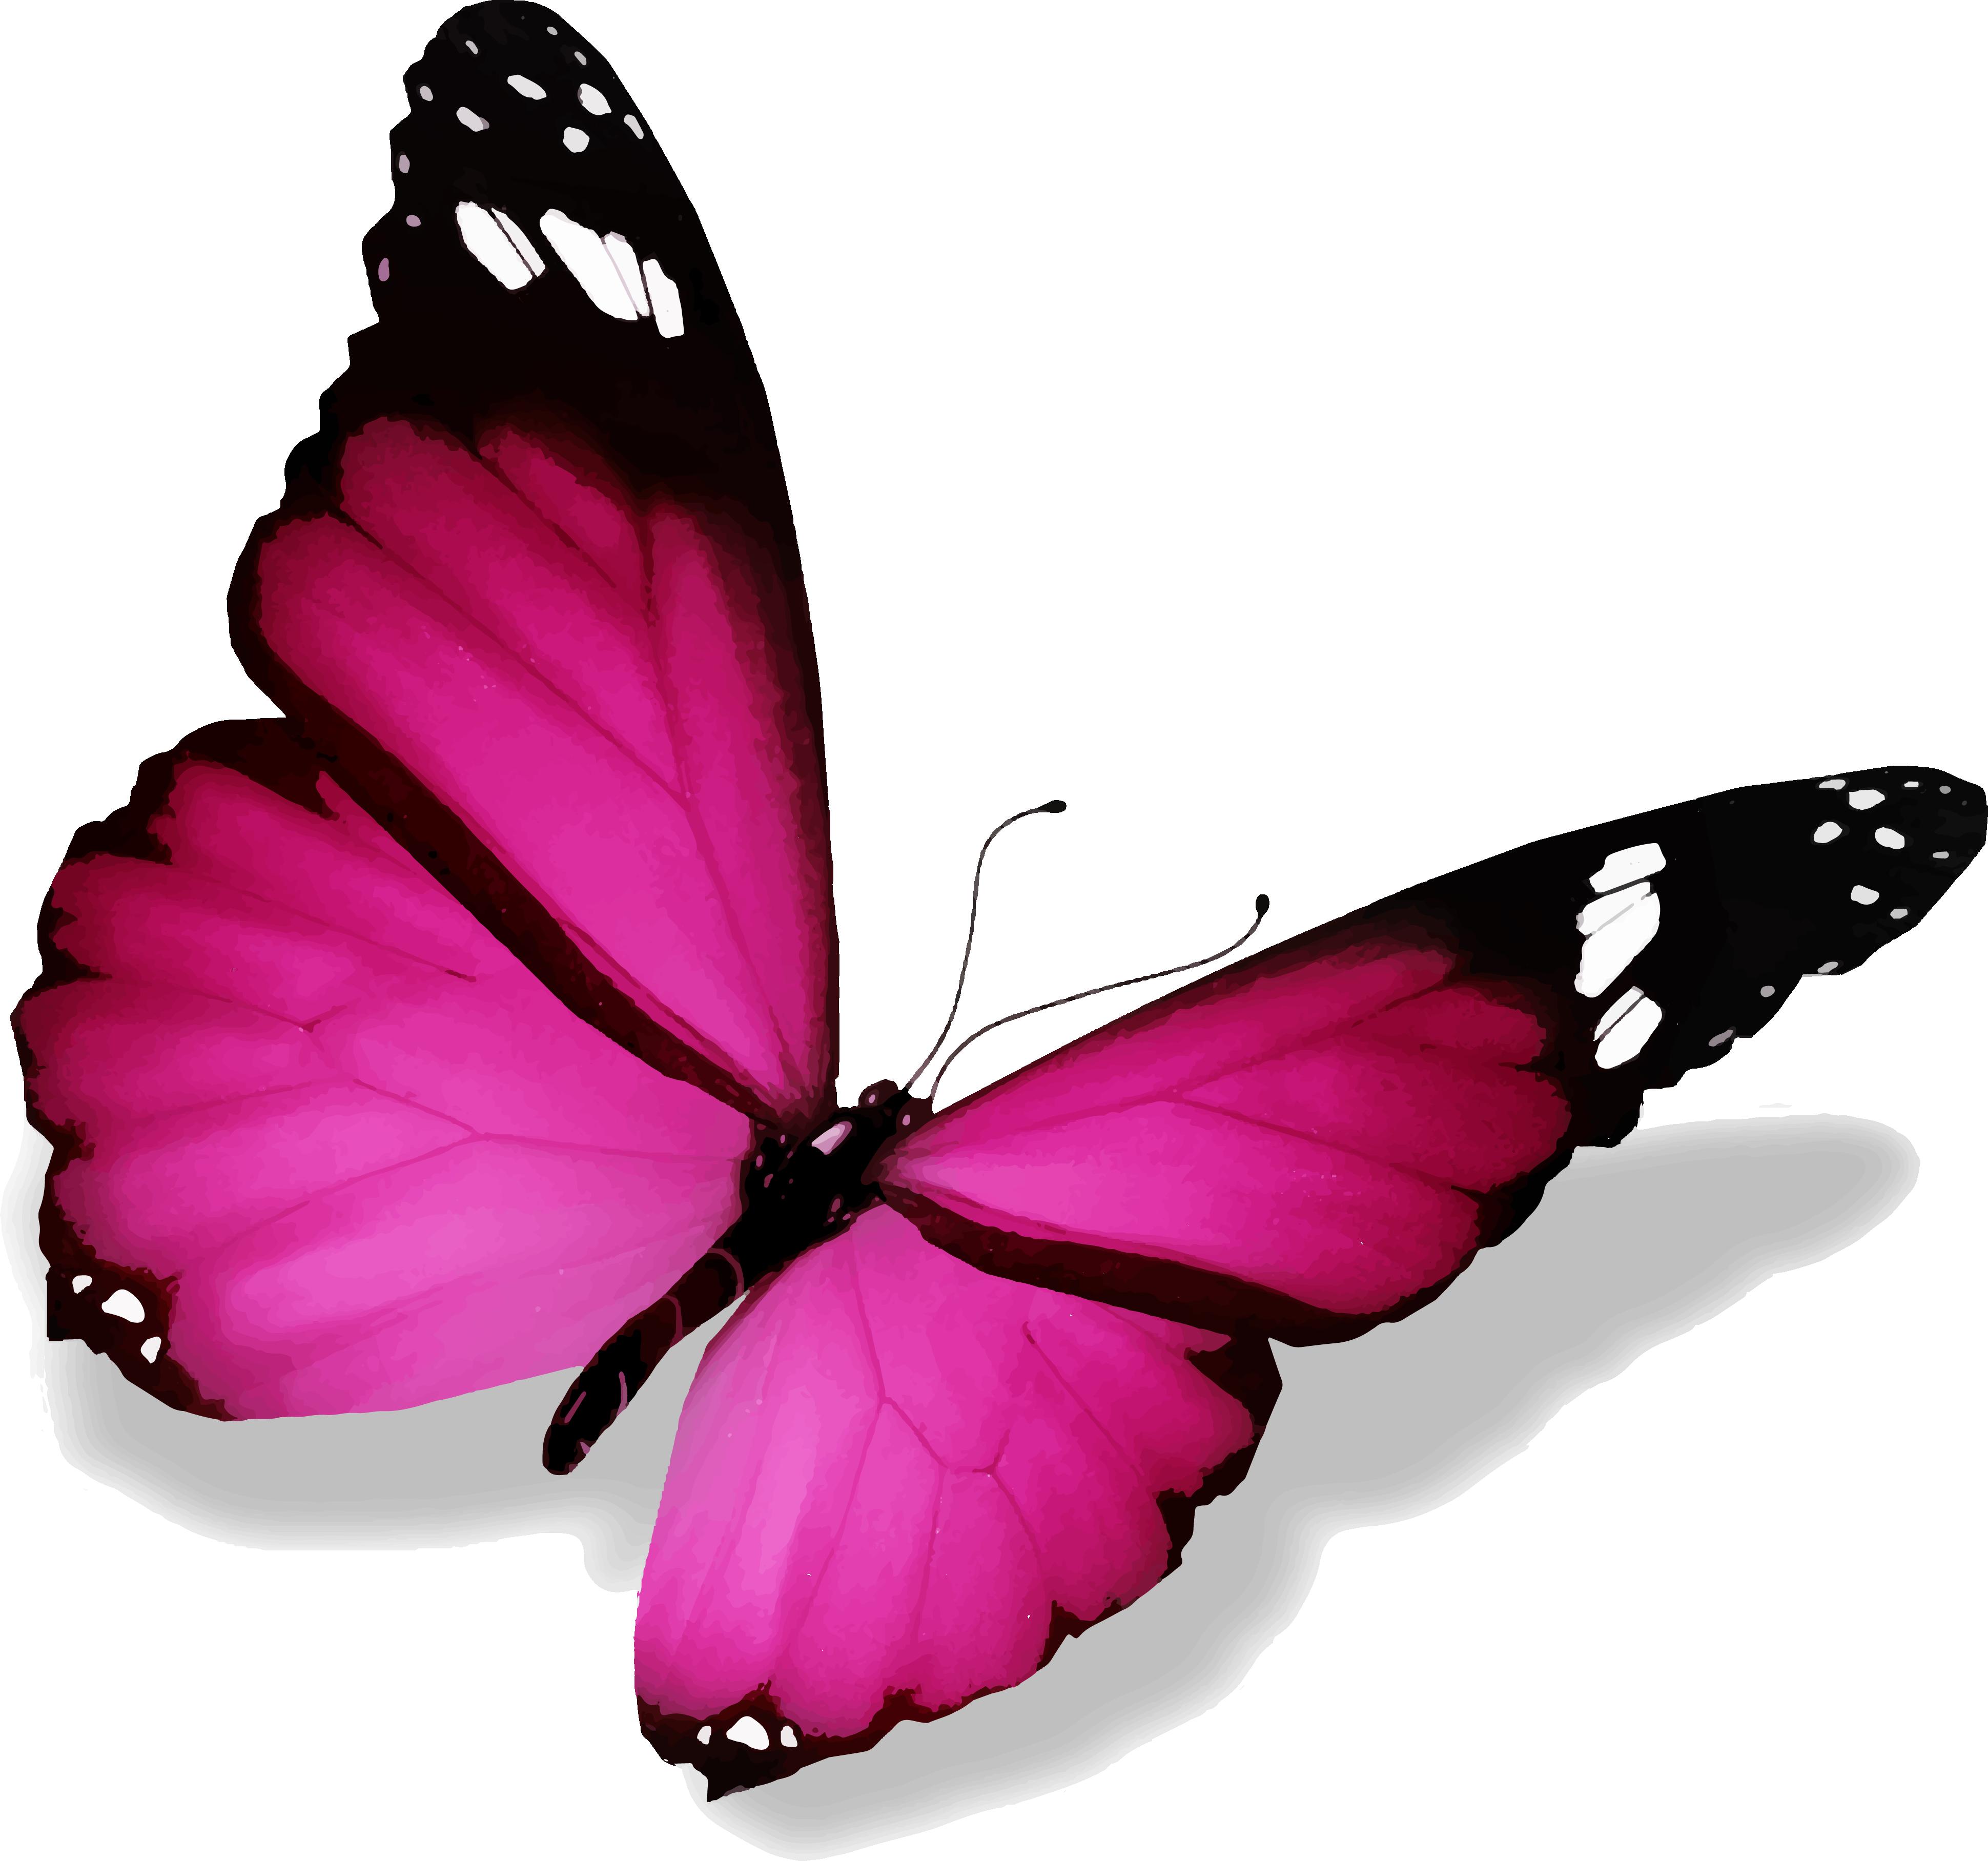 Image de papillon 6 - Image papillon dessin ...